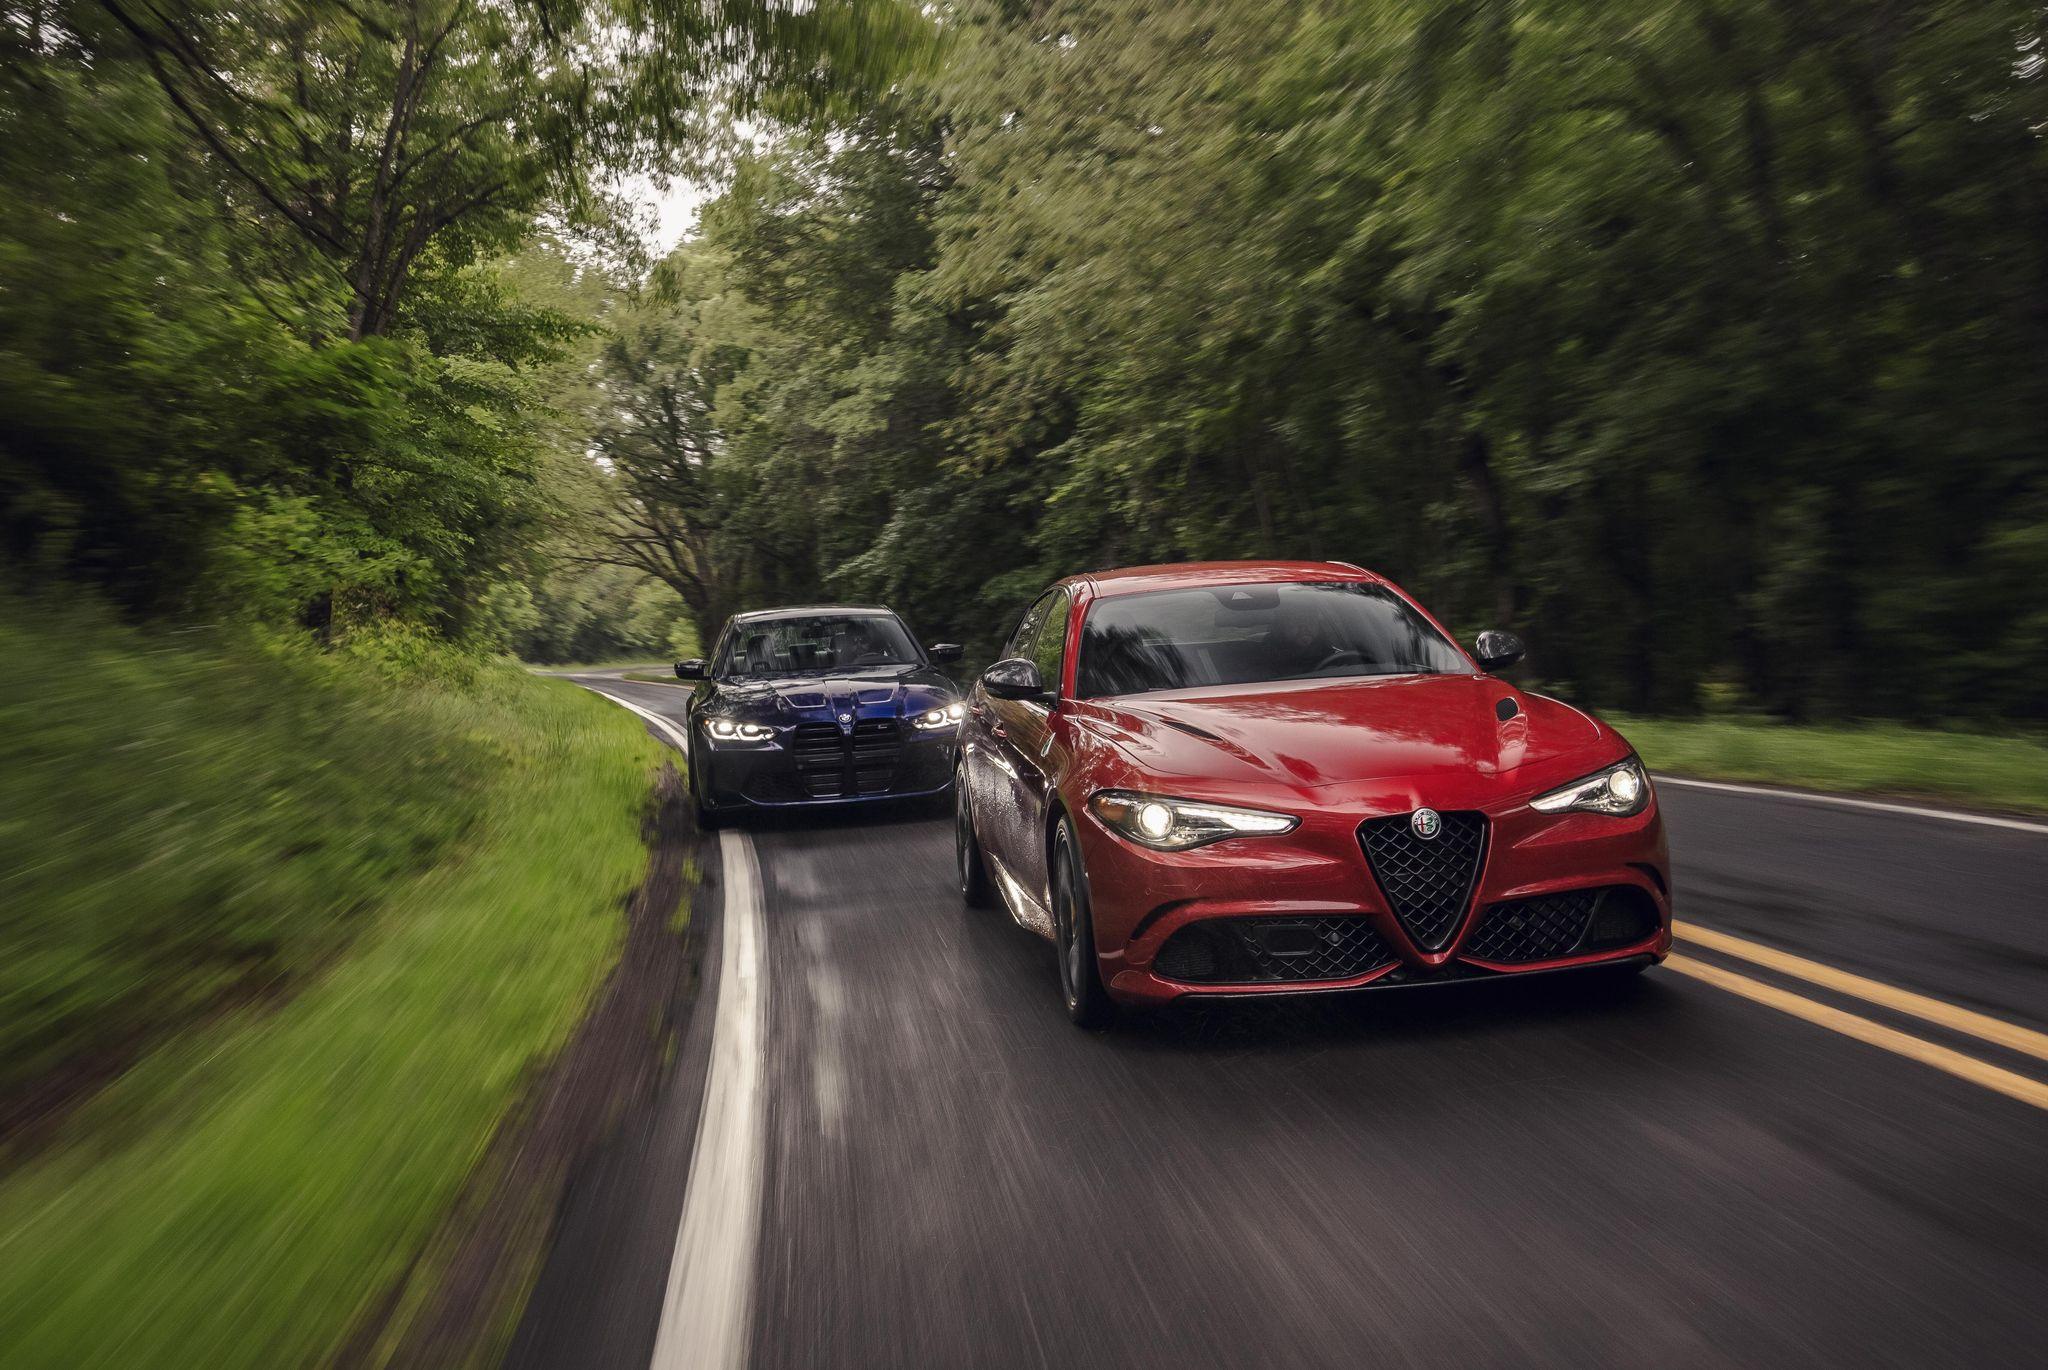 2021 Alfa Romeo Giulia Quadrifoglio vs. BMW M3 Competition